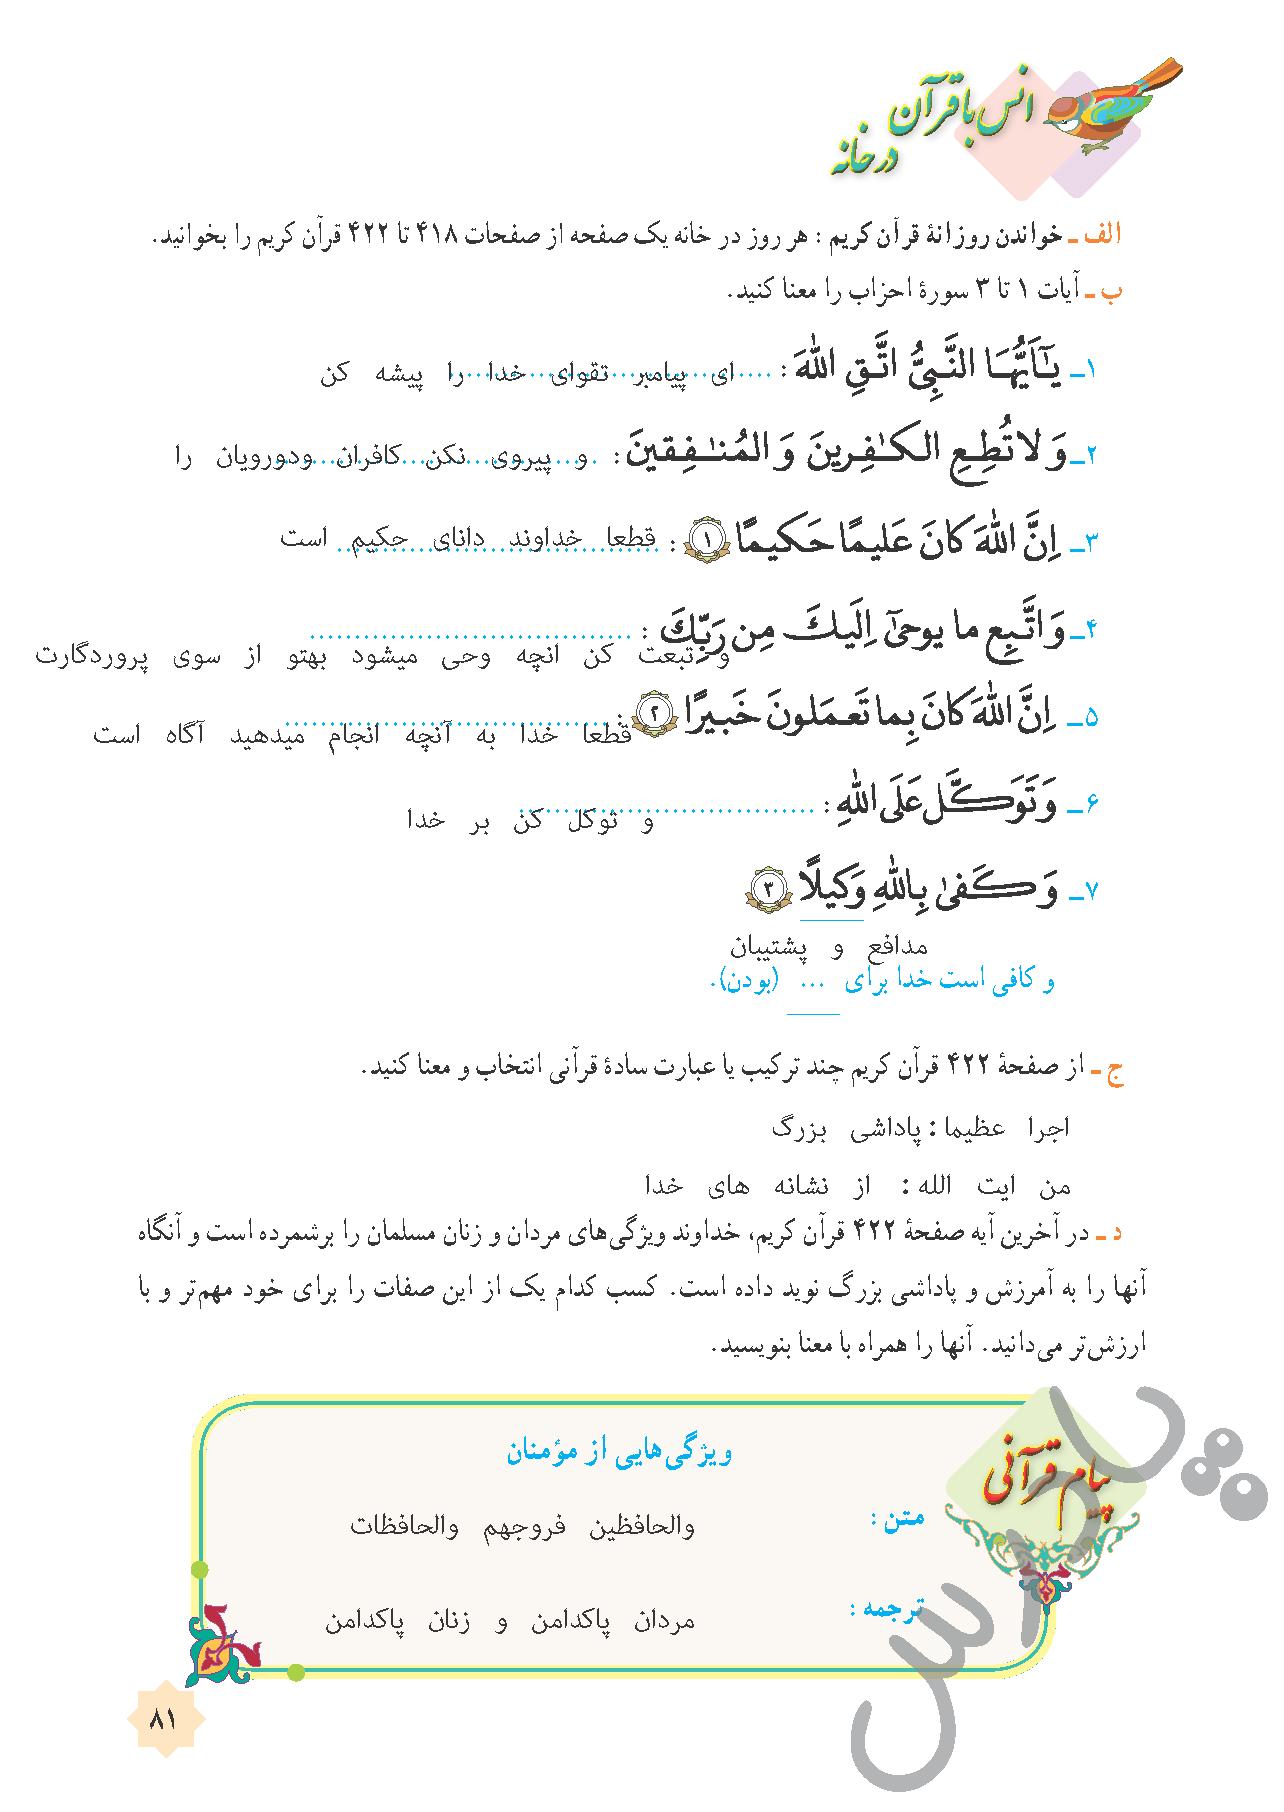 جواب انس با قران درس 8 قرآن هشتم - جلسه اول